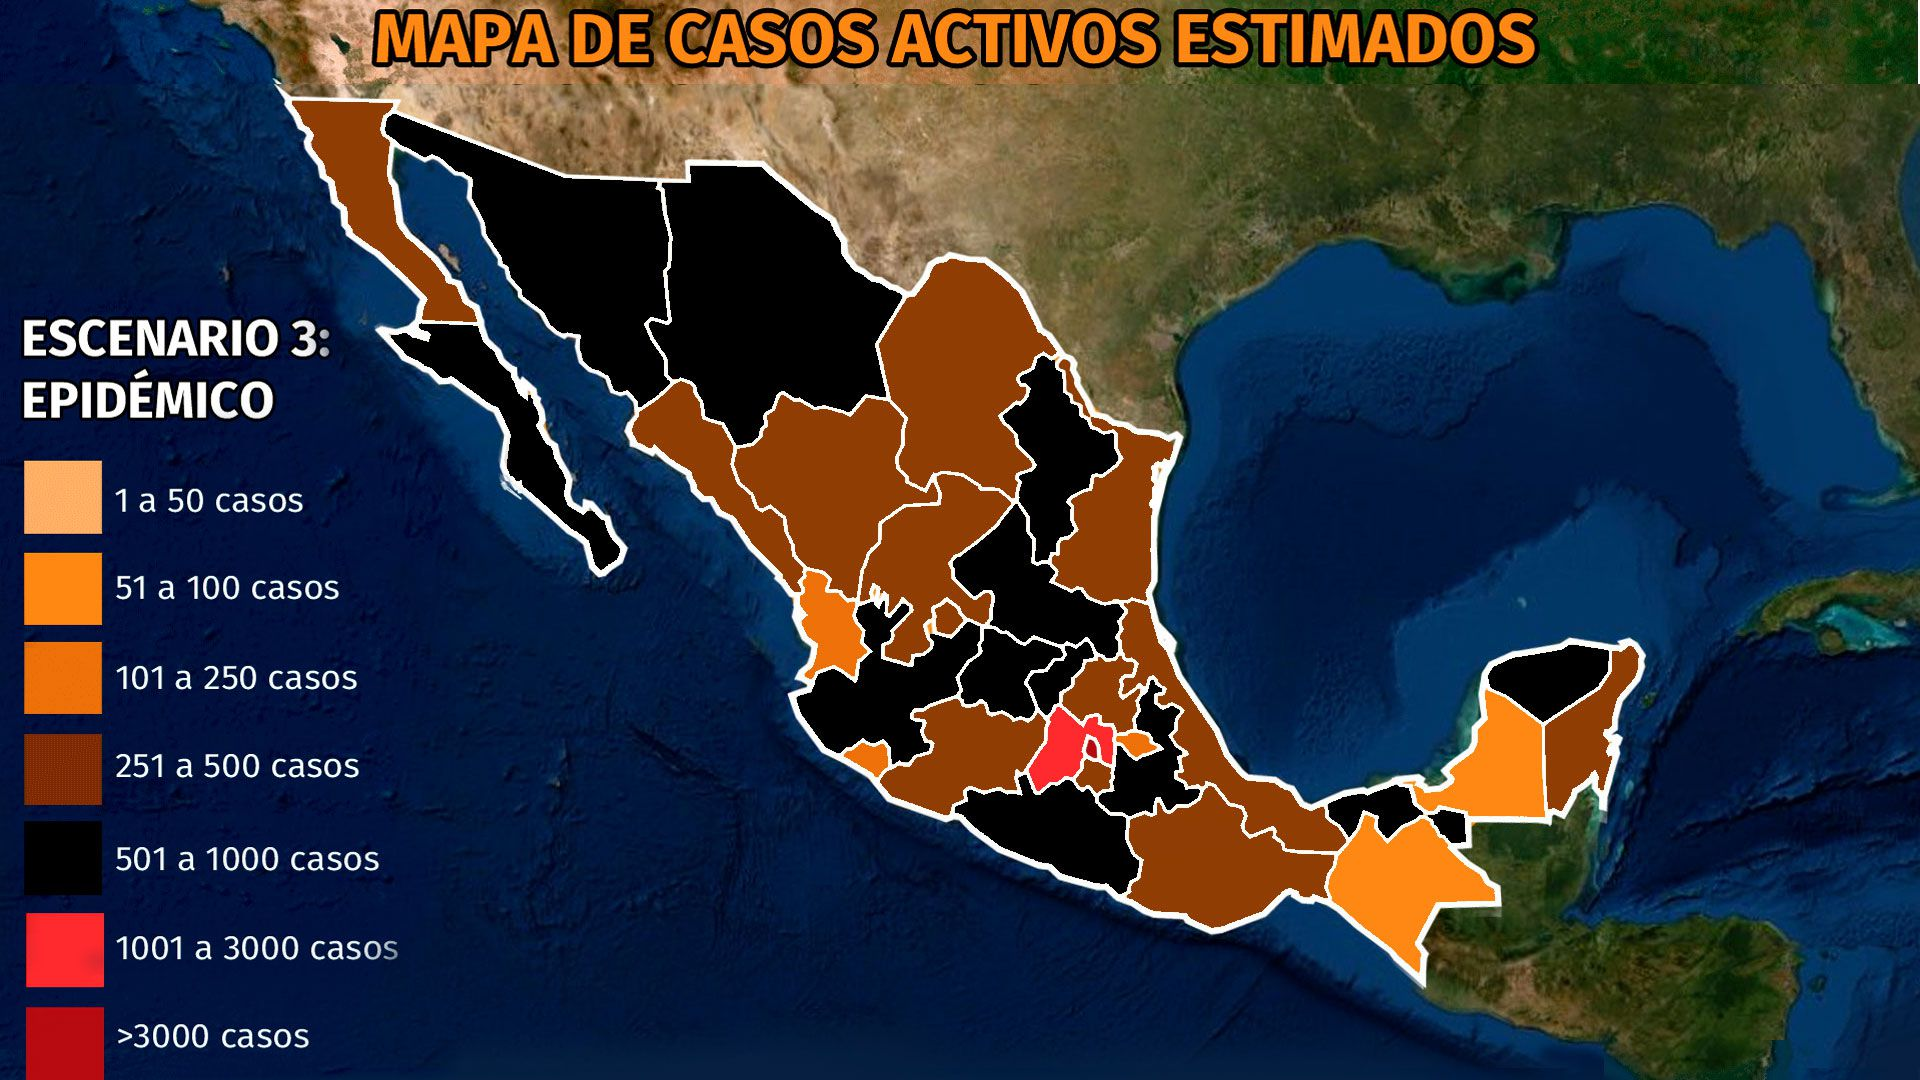 Mapa del coronavirus en México 18 de abril: los cinco estados con más casos activos